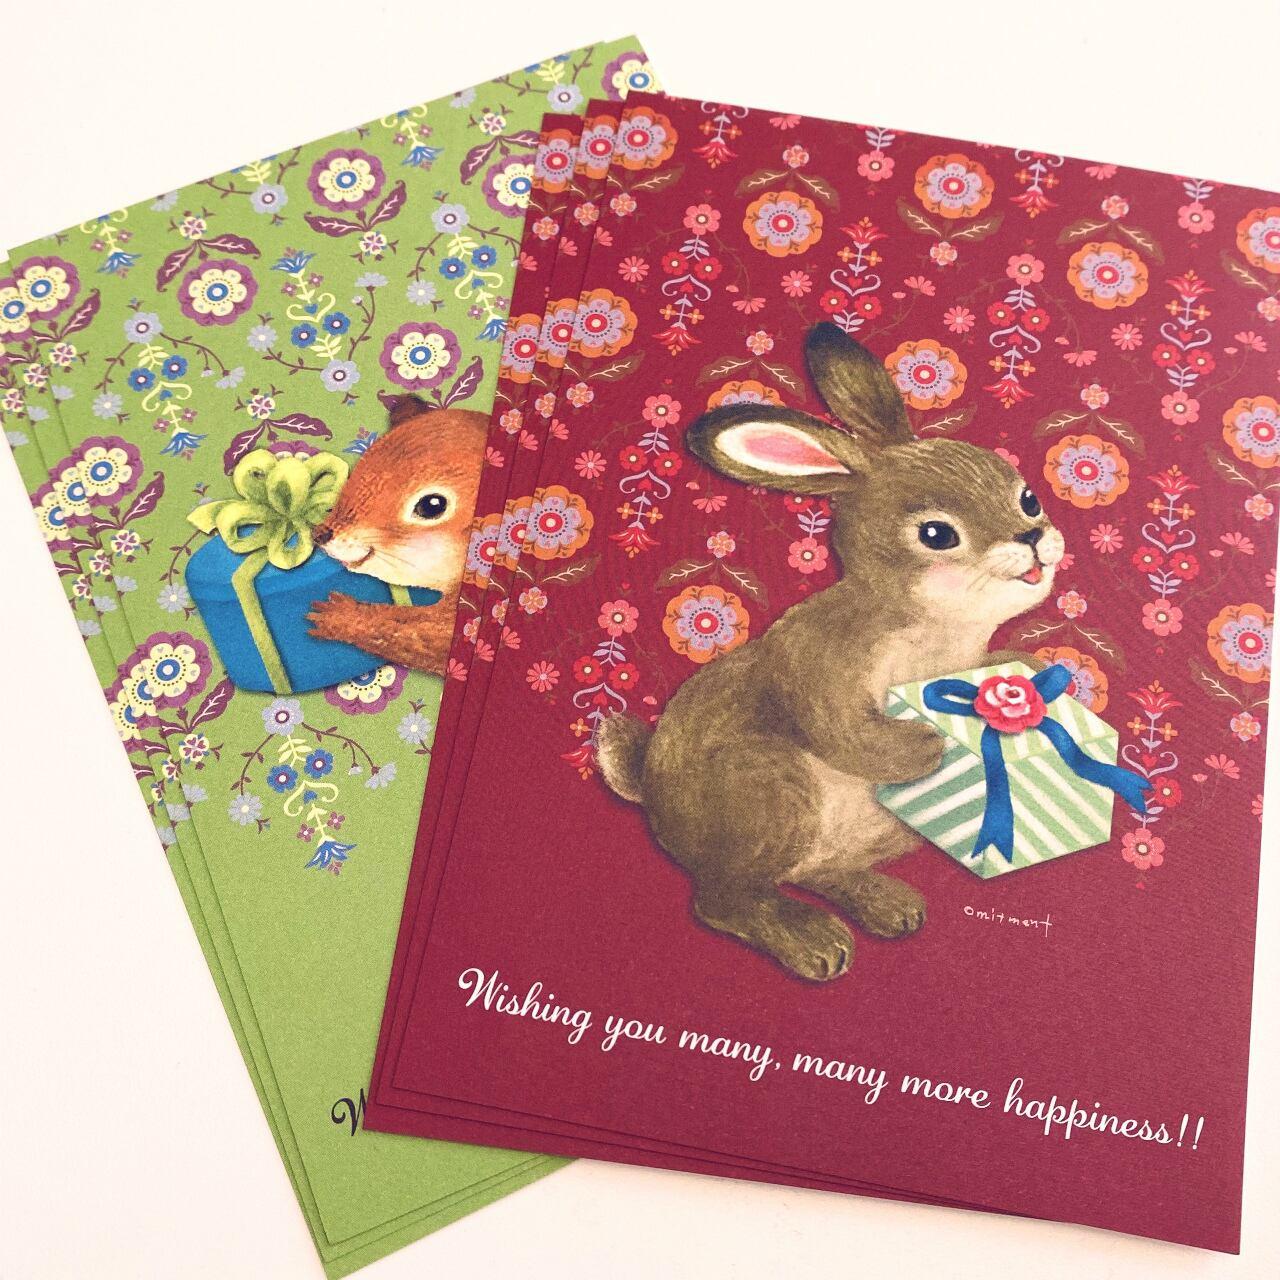 omitment(おおきひろみ)ポストカード「お祝いカード」3セット